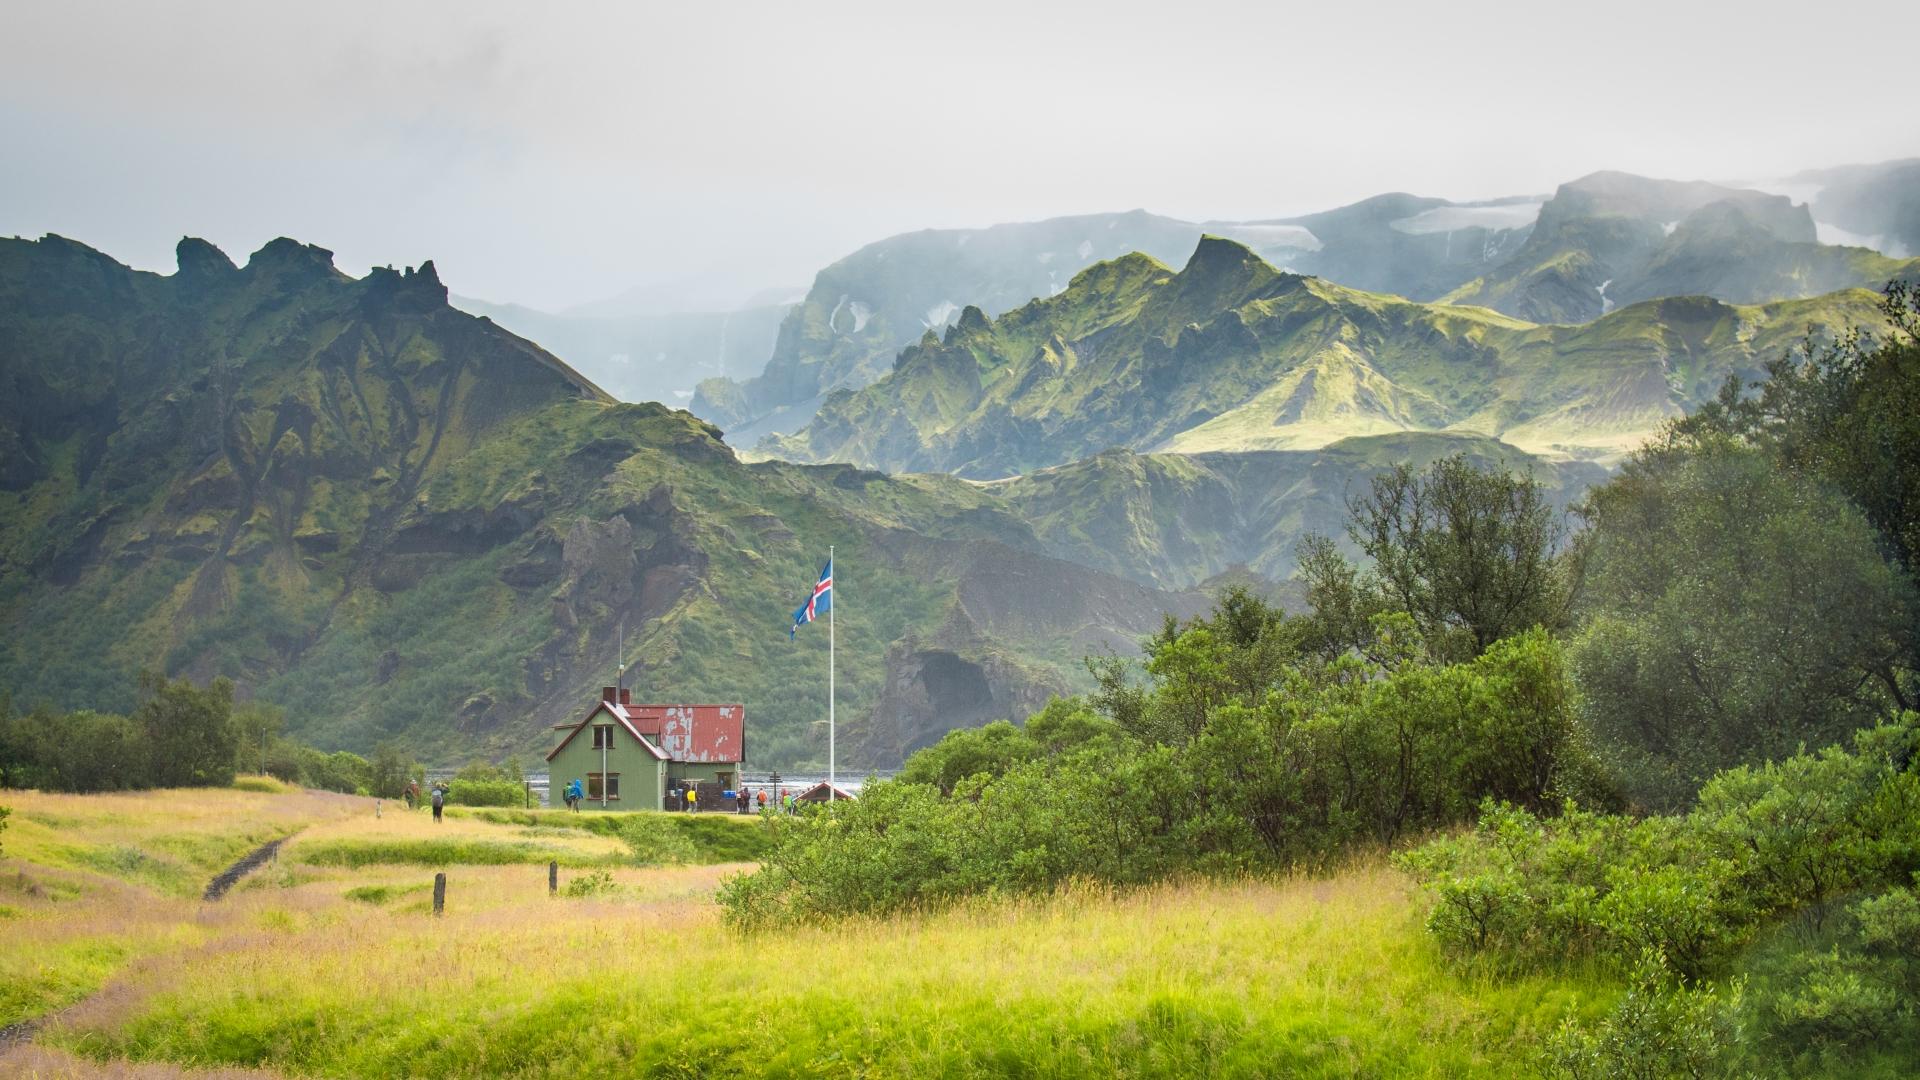 兰德曼纳劳卡是冰岛南部中央内陆高地必看的美景